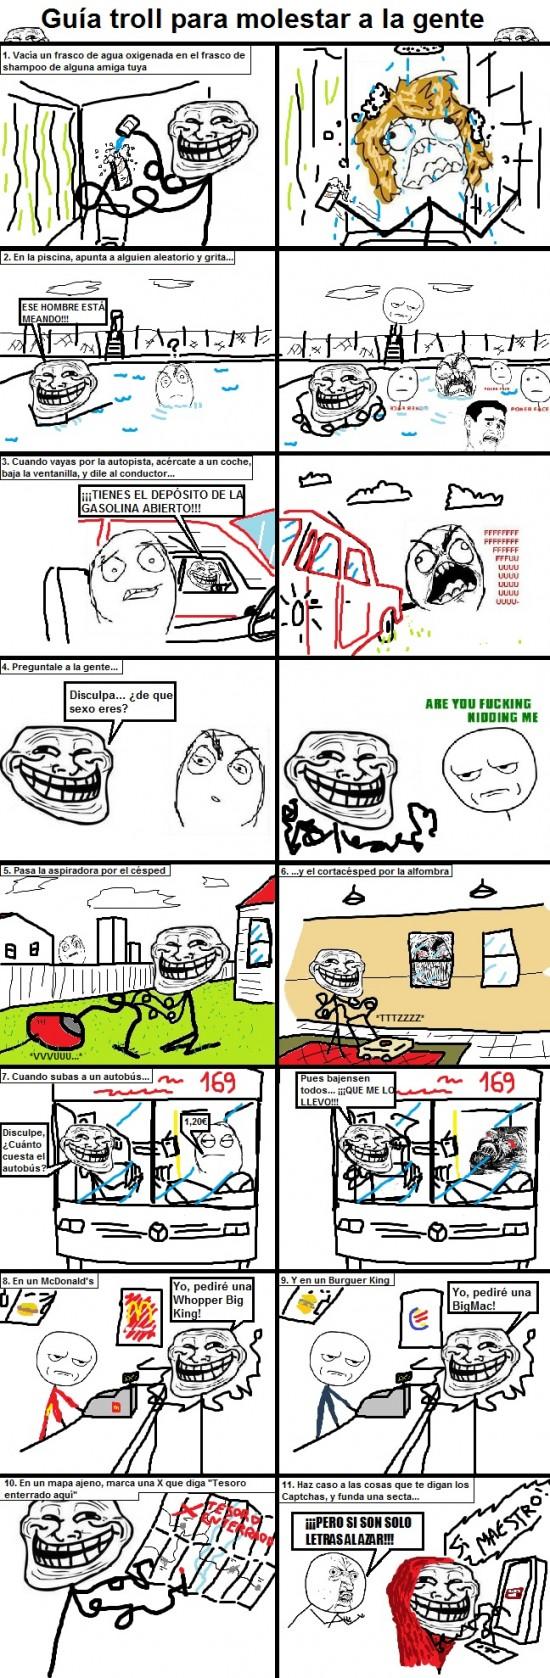 Trollface - Guía Troll para molestar a la gente